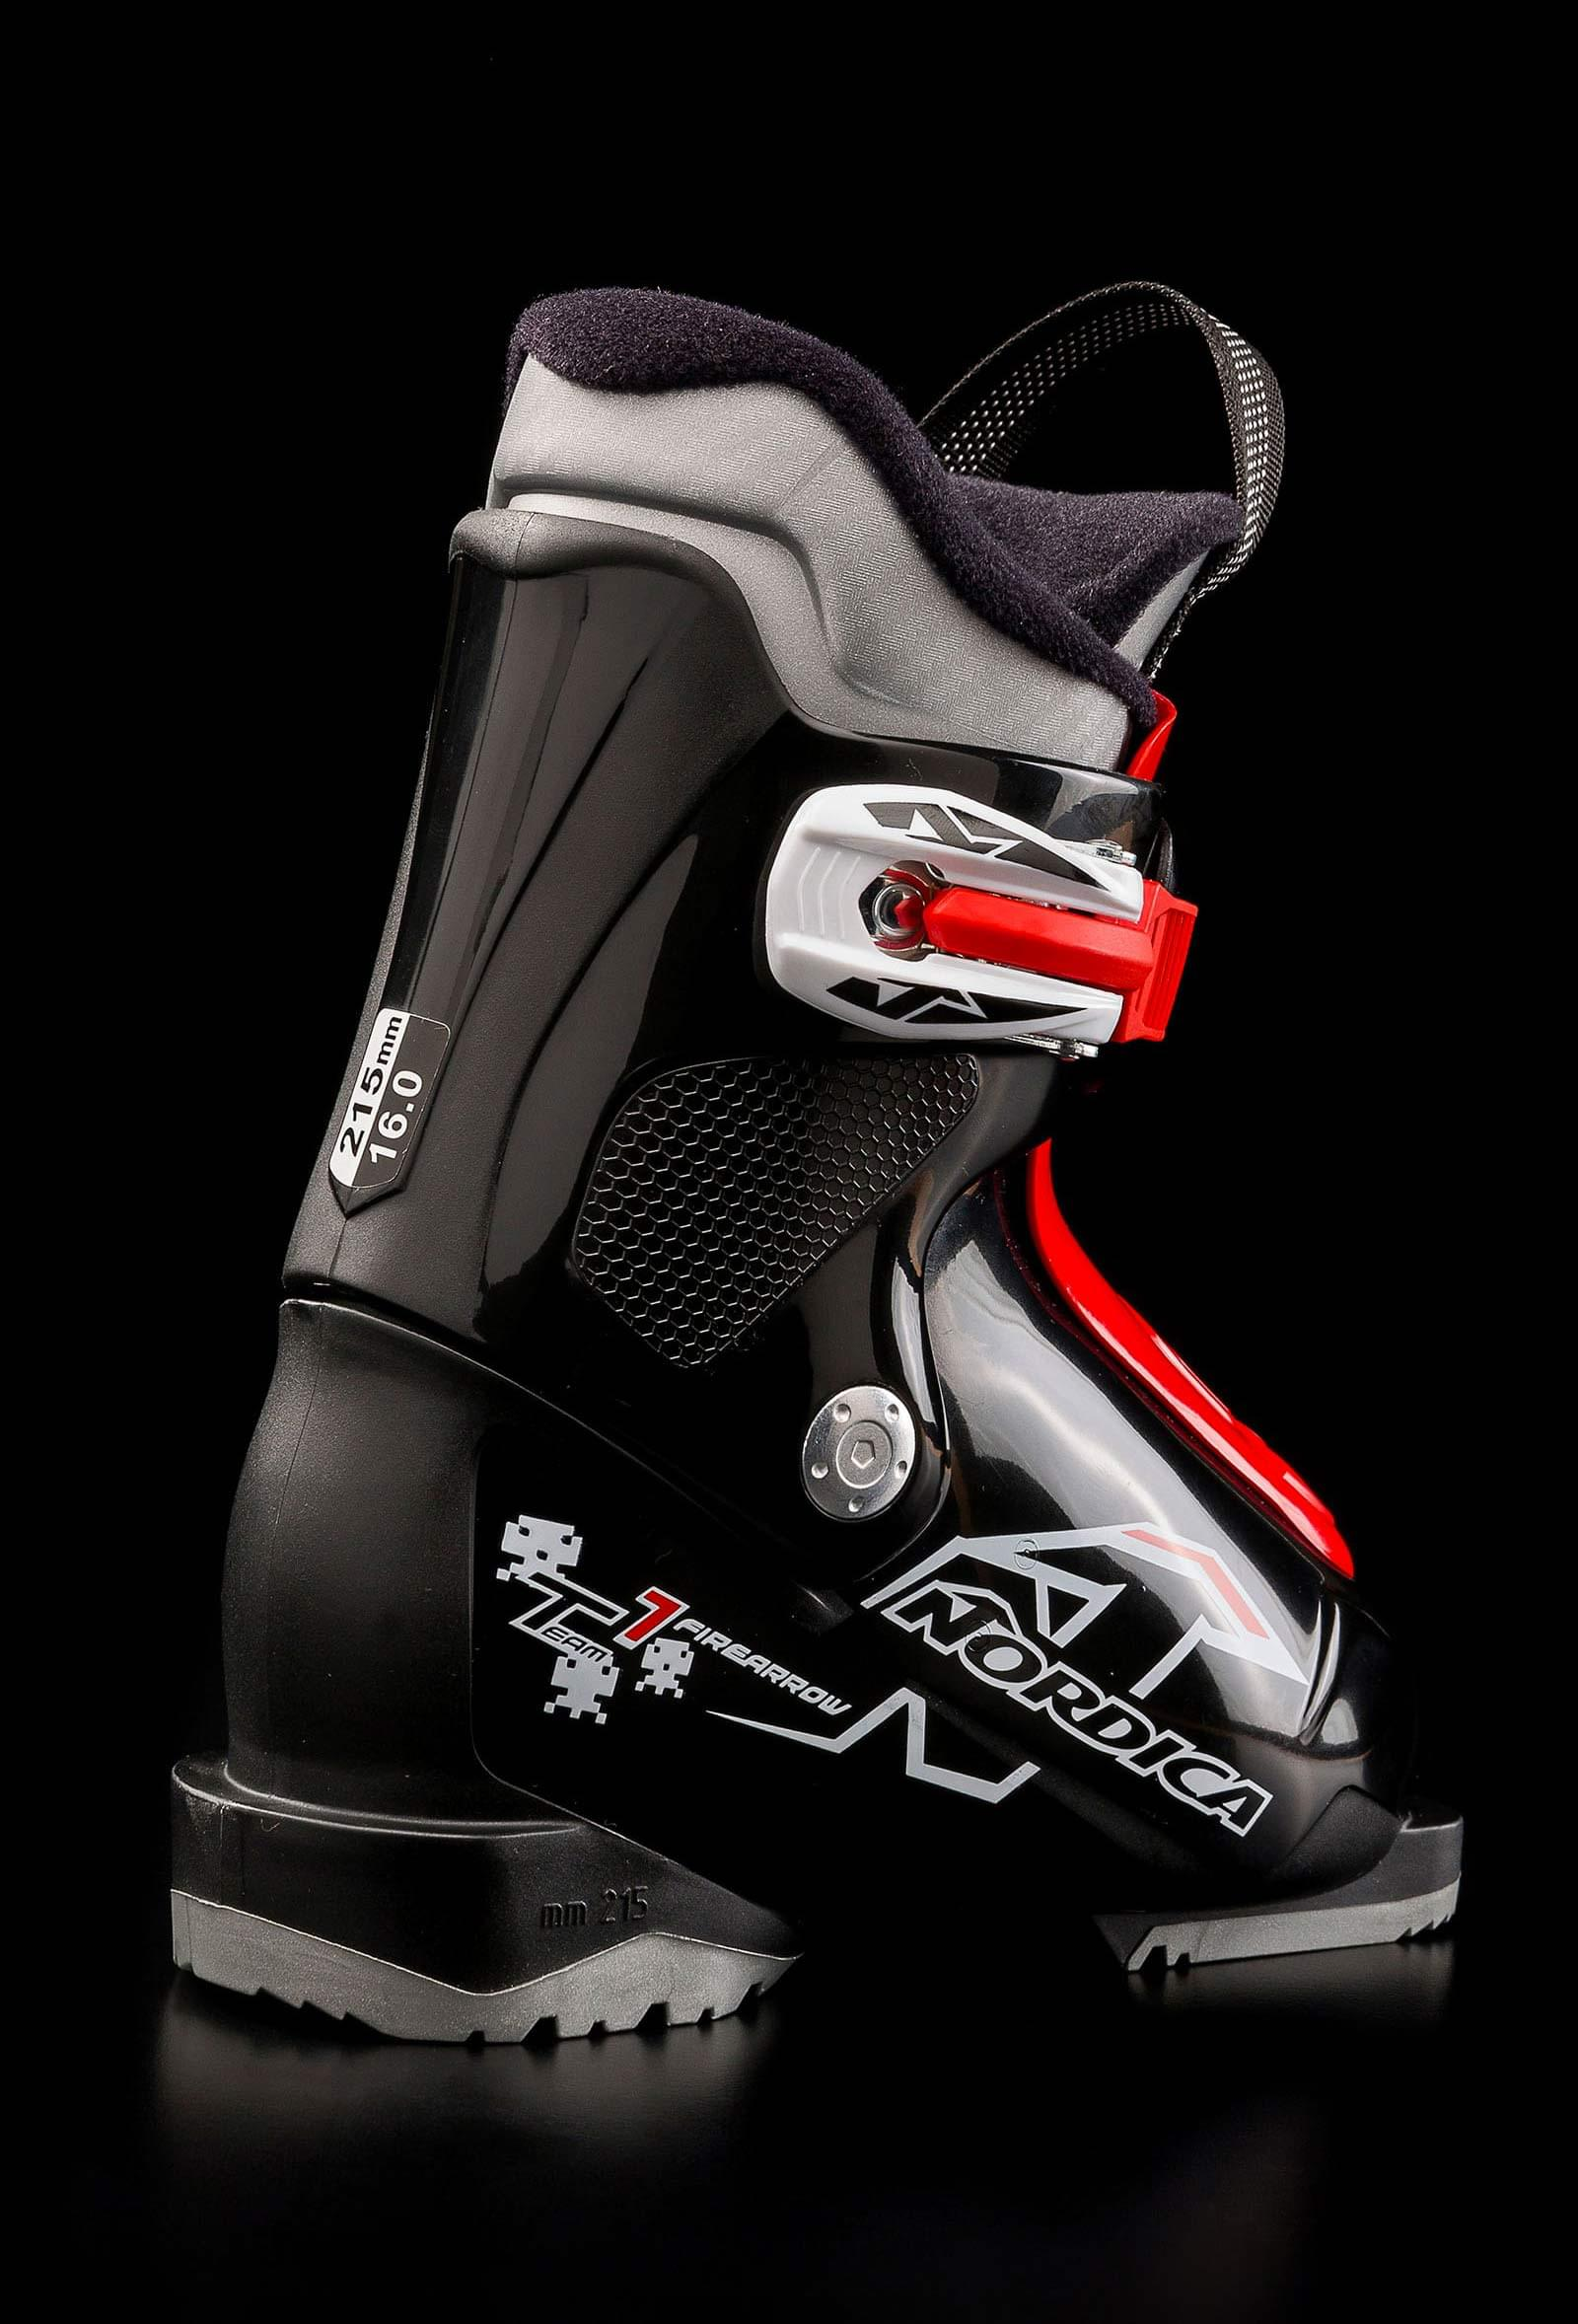 Jak vybrat dětské lyžáky - Ski a Bike Centrum Radotín 7b946b24822